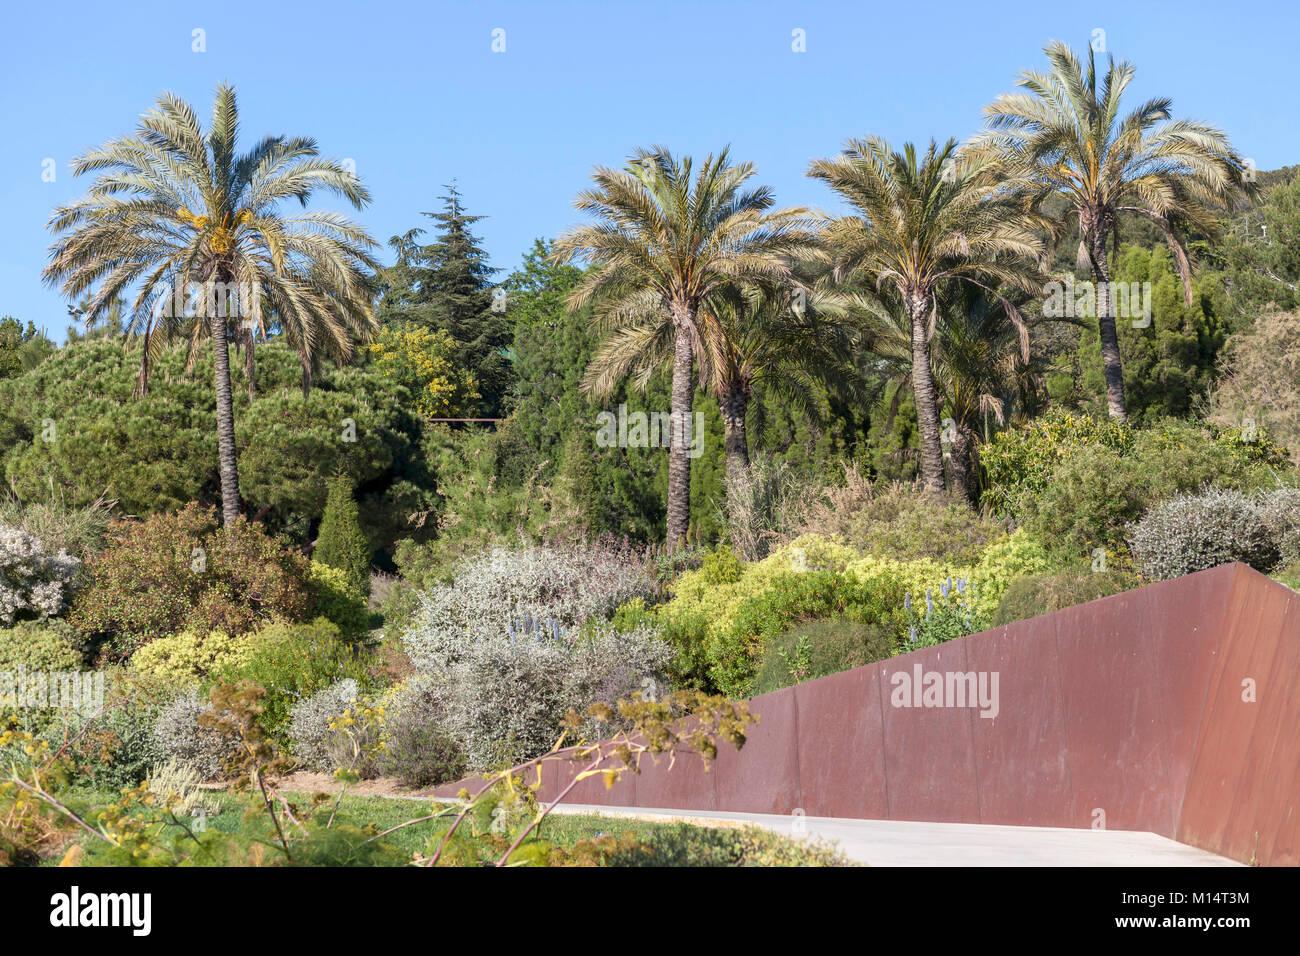 Botanischer Garten Park Montjuic Barcelona Stockfoto Bild